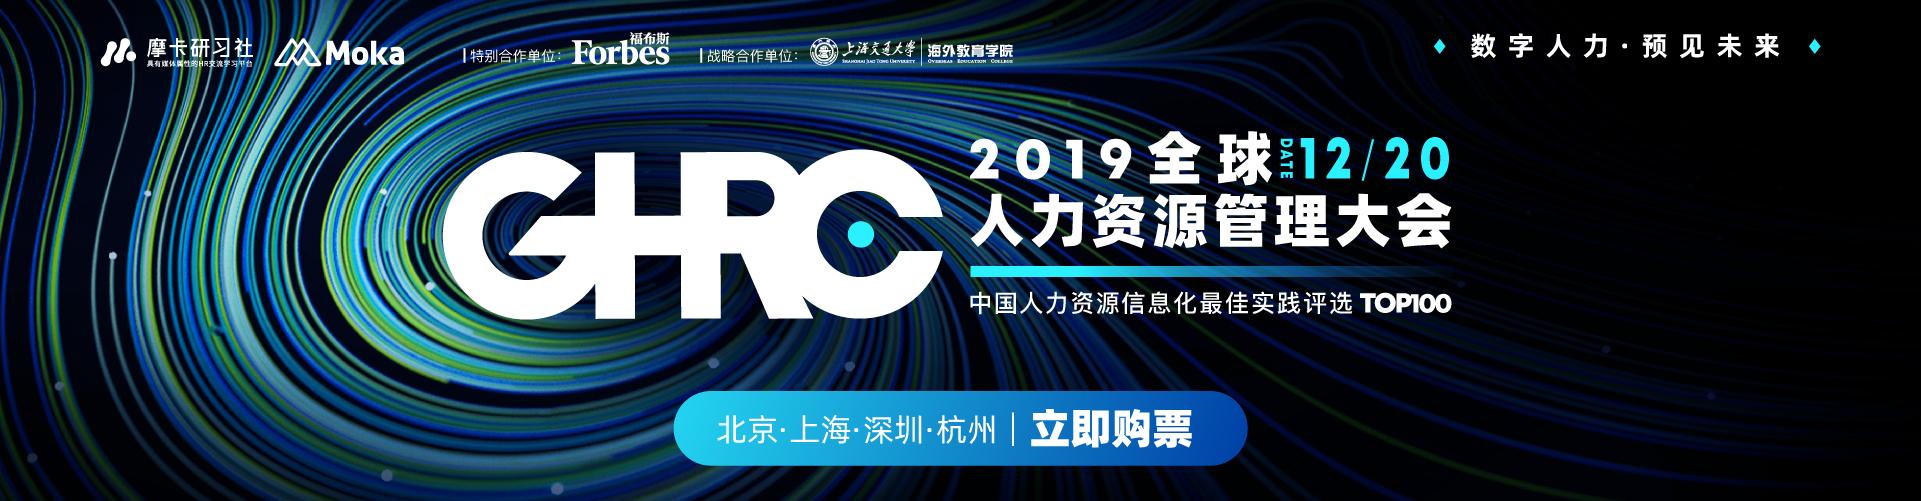 数字人力·预见未来 | 2019全球人力资源管理大会 [深圳会场]